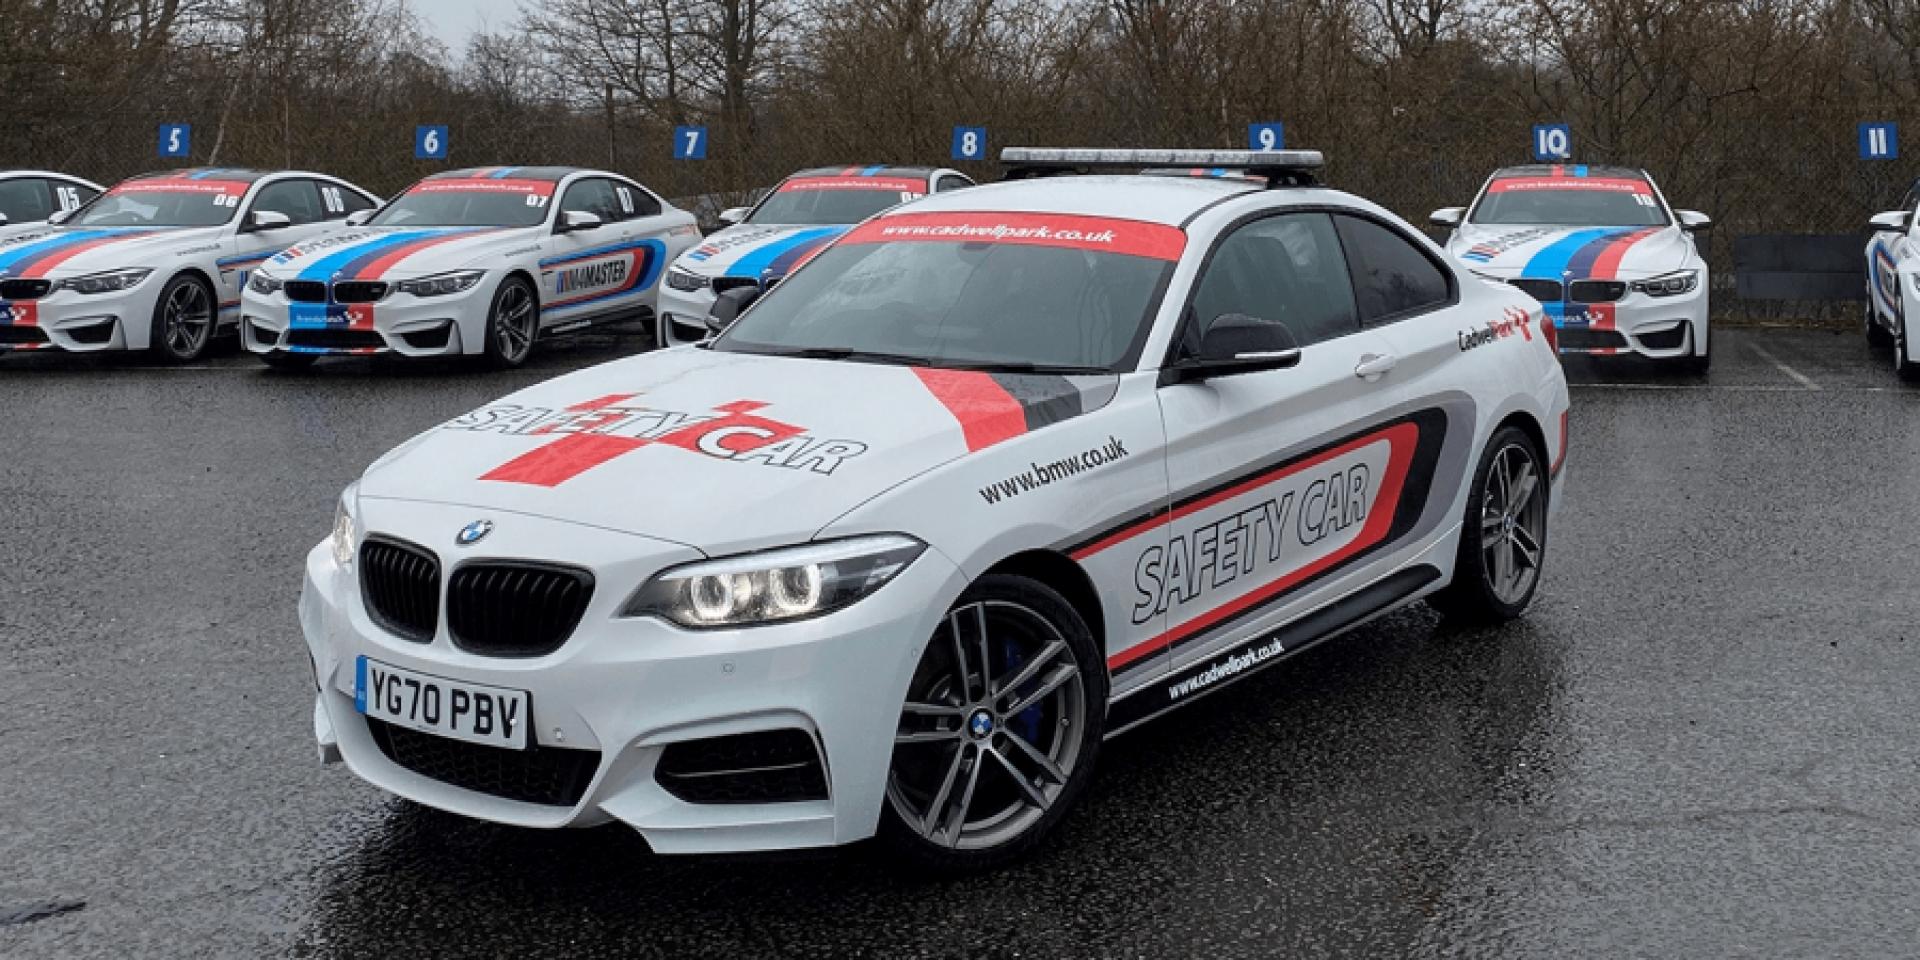 英國BSB賽道遭小偷!BMW M240i安全車、X5醫療車遭竊